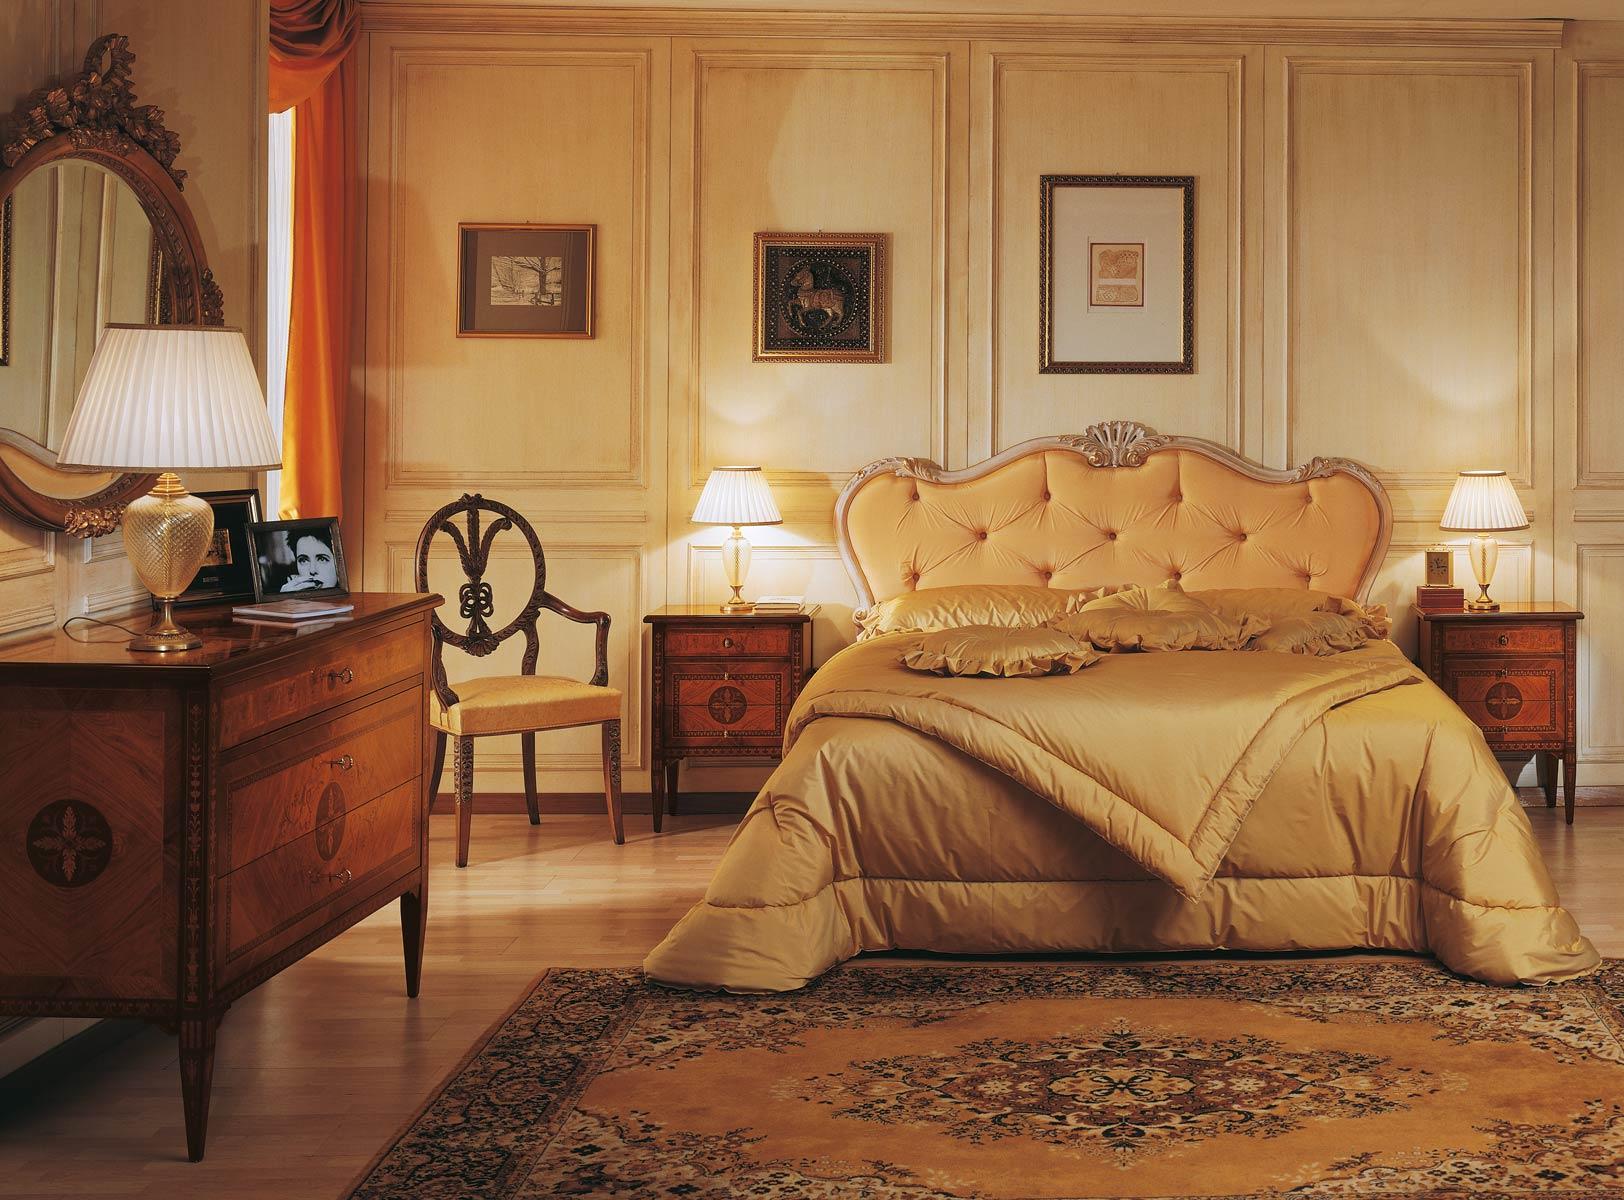 Mobili classici di lusso made in italy vimercati for Mobili di design per camere da letto interne